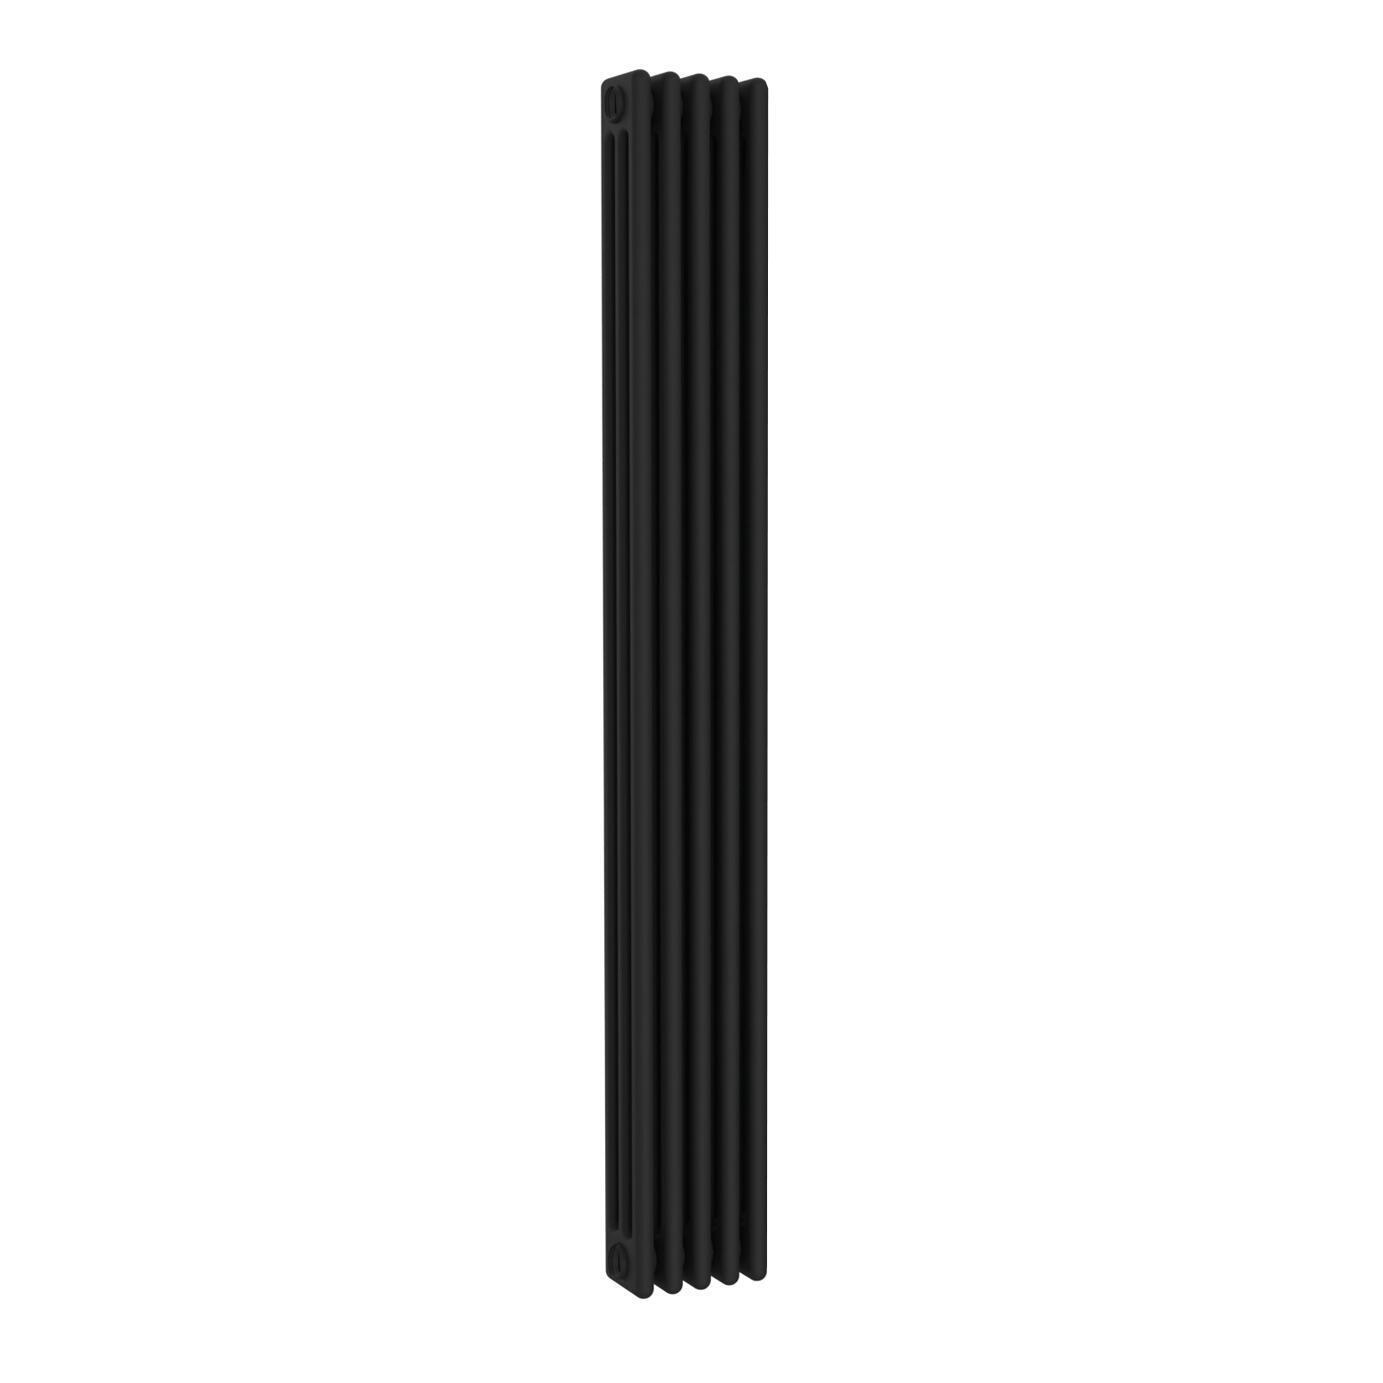 Radiatore acqua calda ERCOS nero opaco in acciaio 5 elementi interasse 173,5 cm